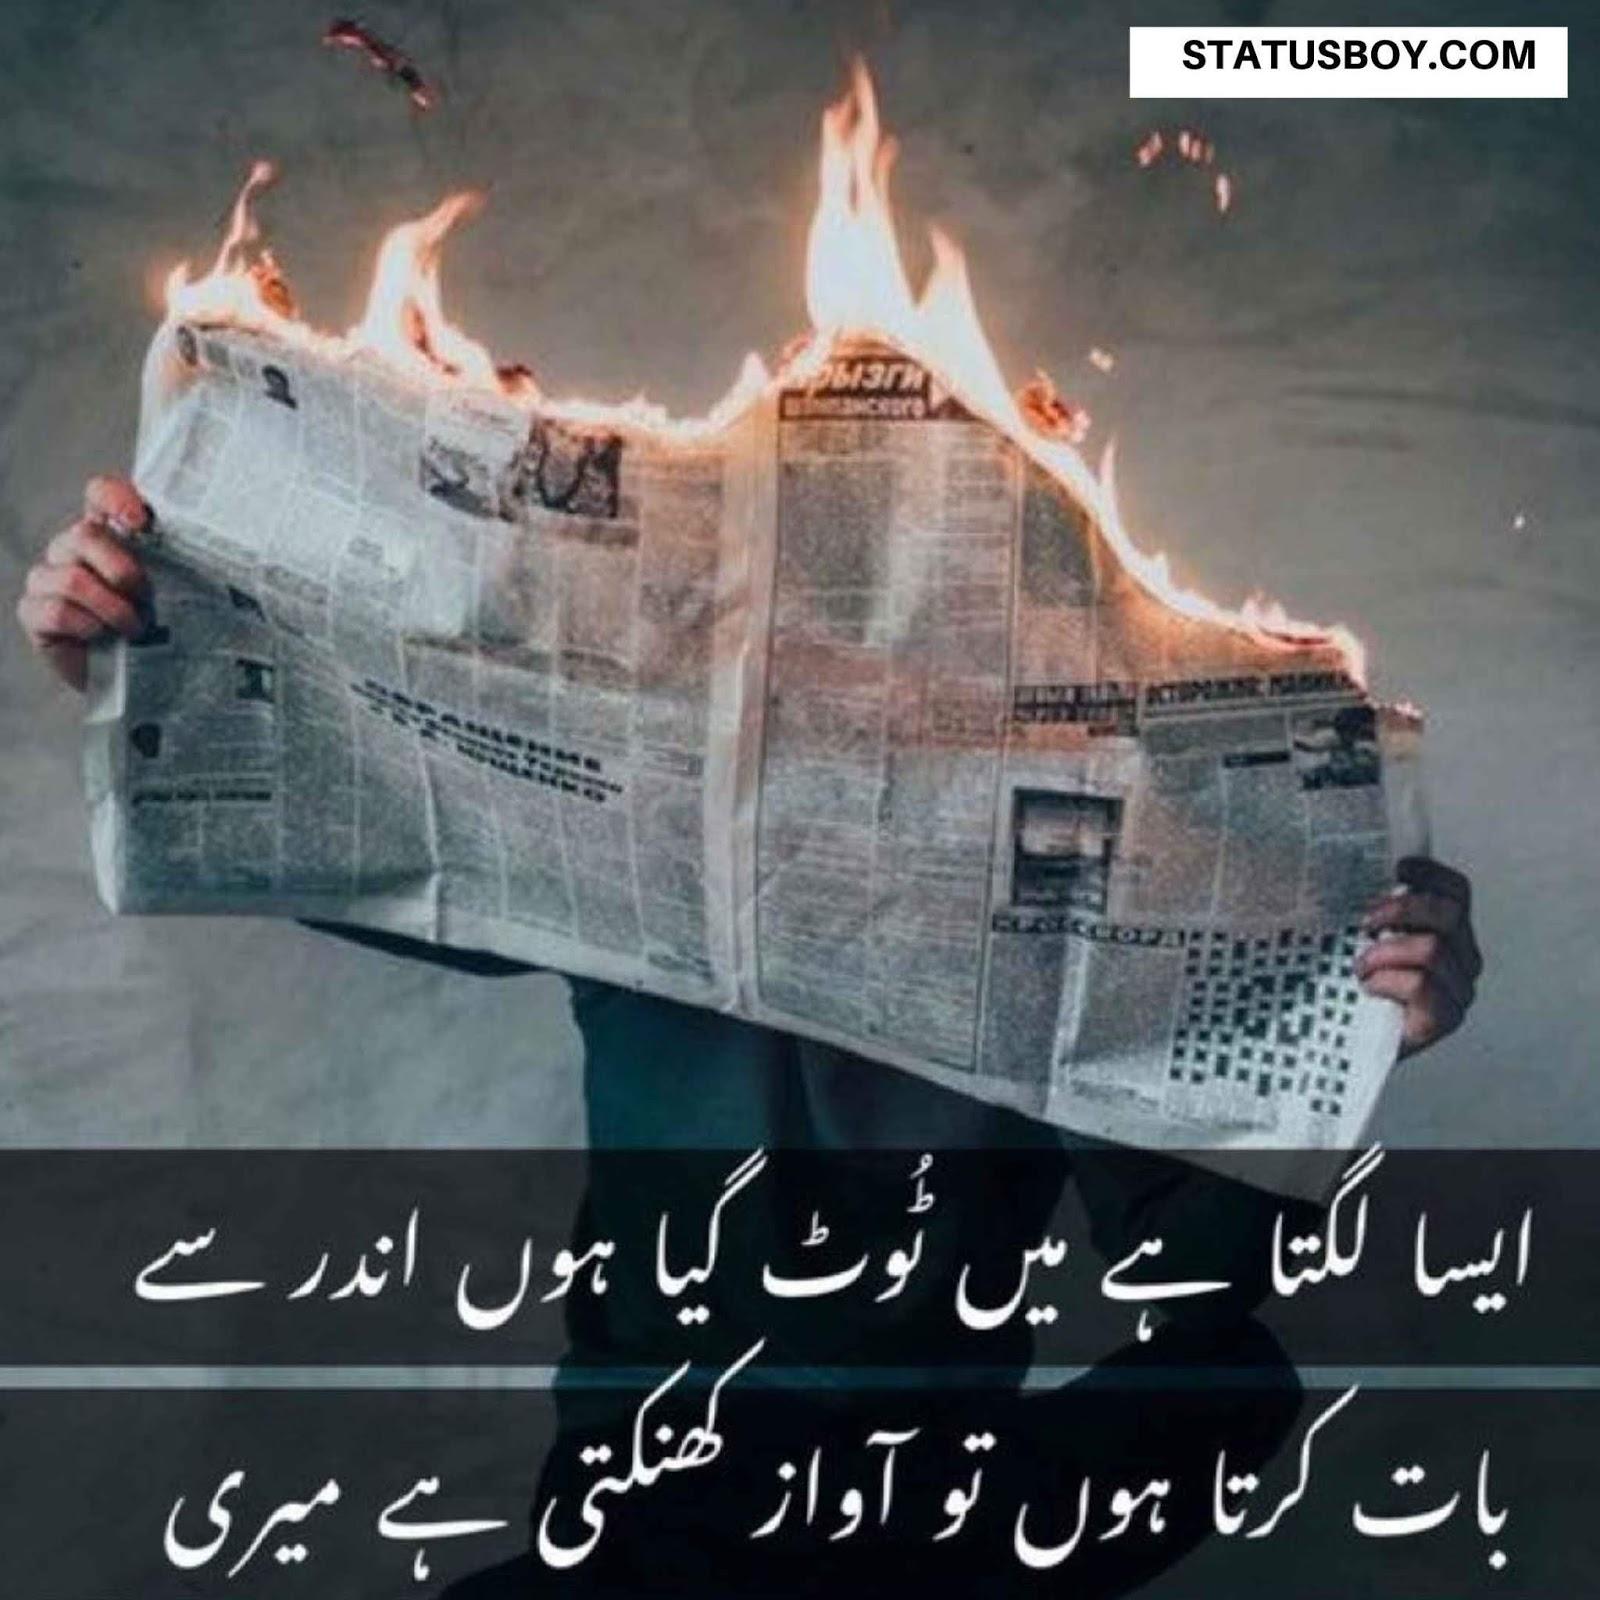 Urdu Poetryi Images